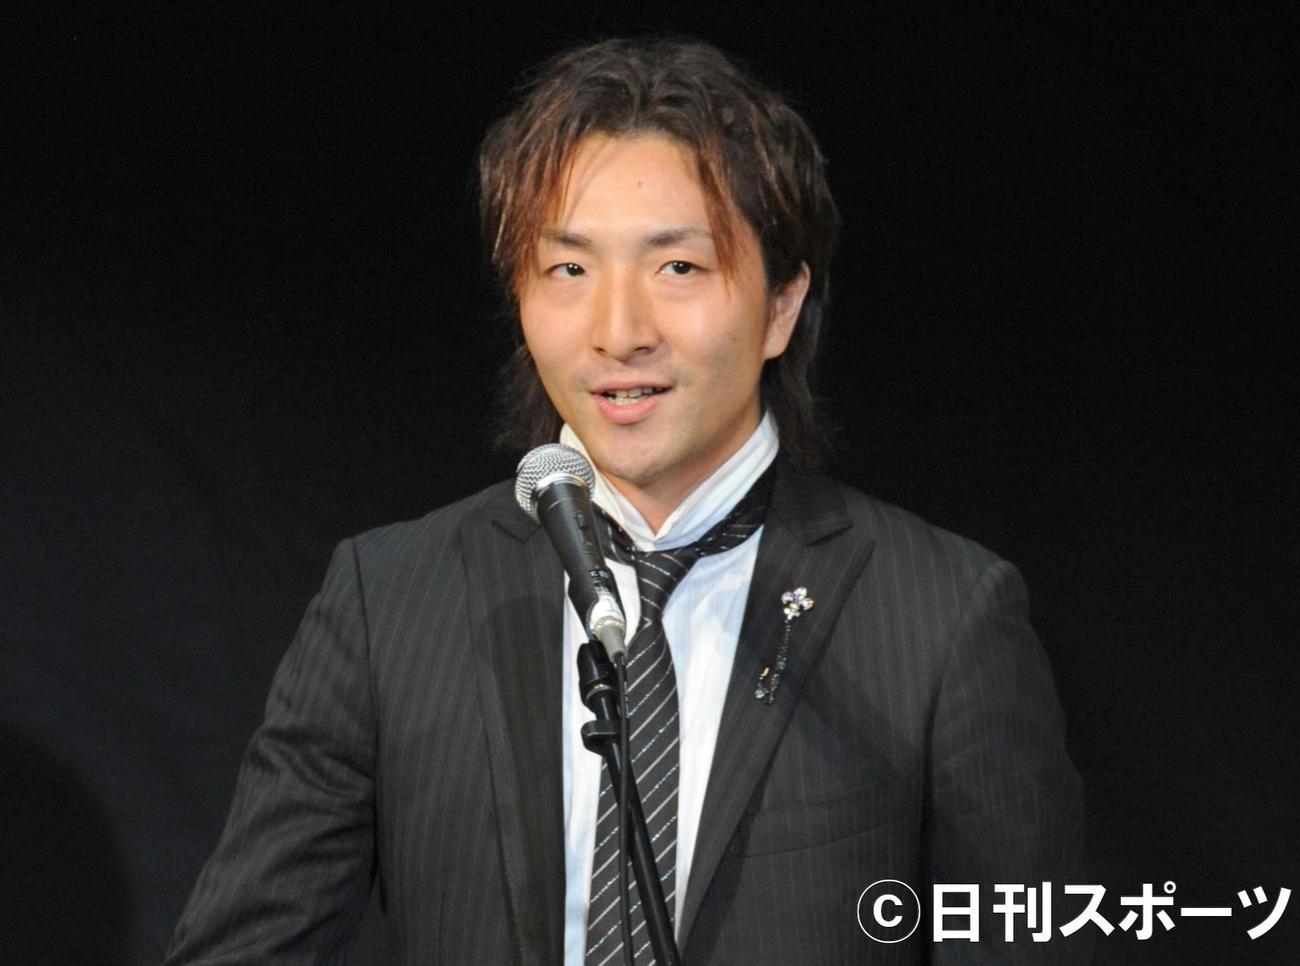 松原剛志(2009年9月21日撮影)